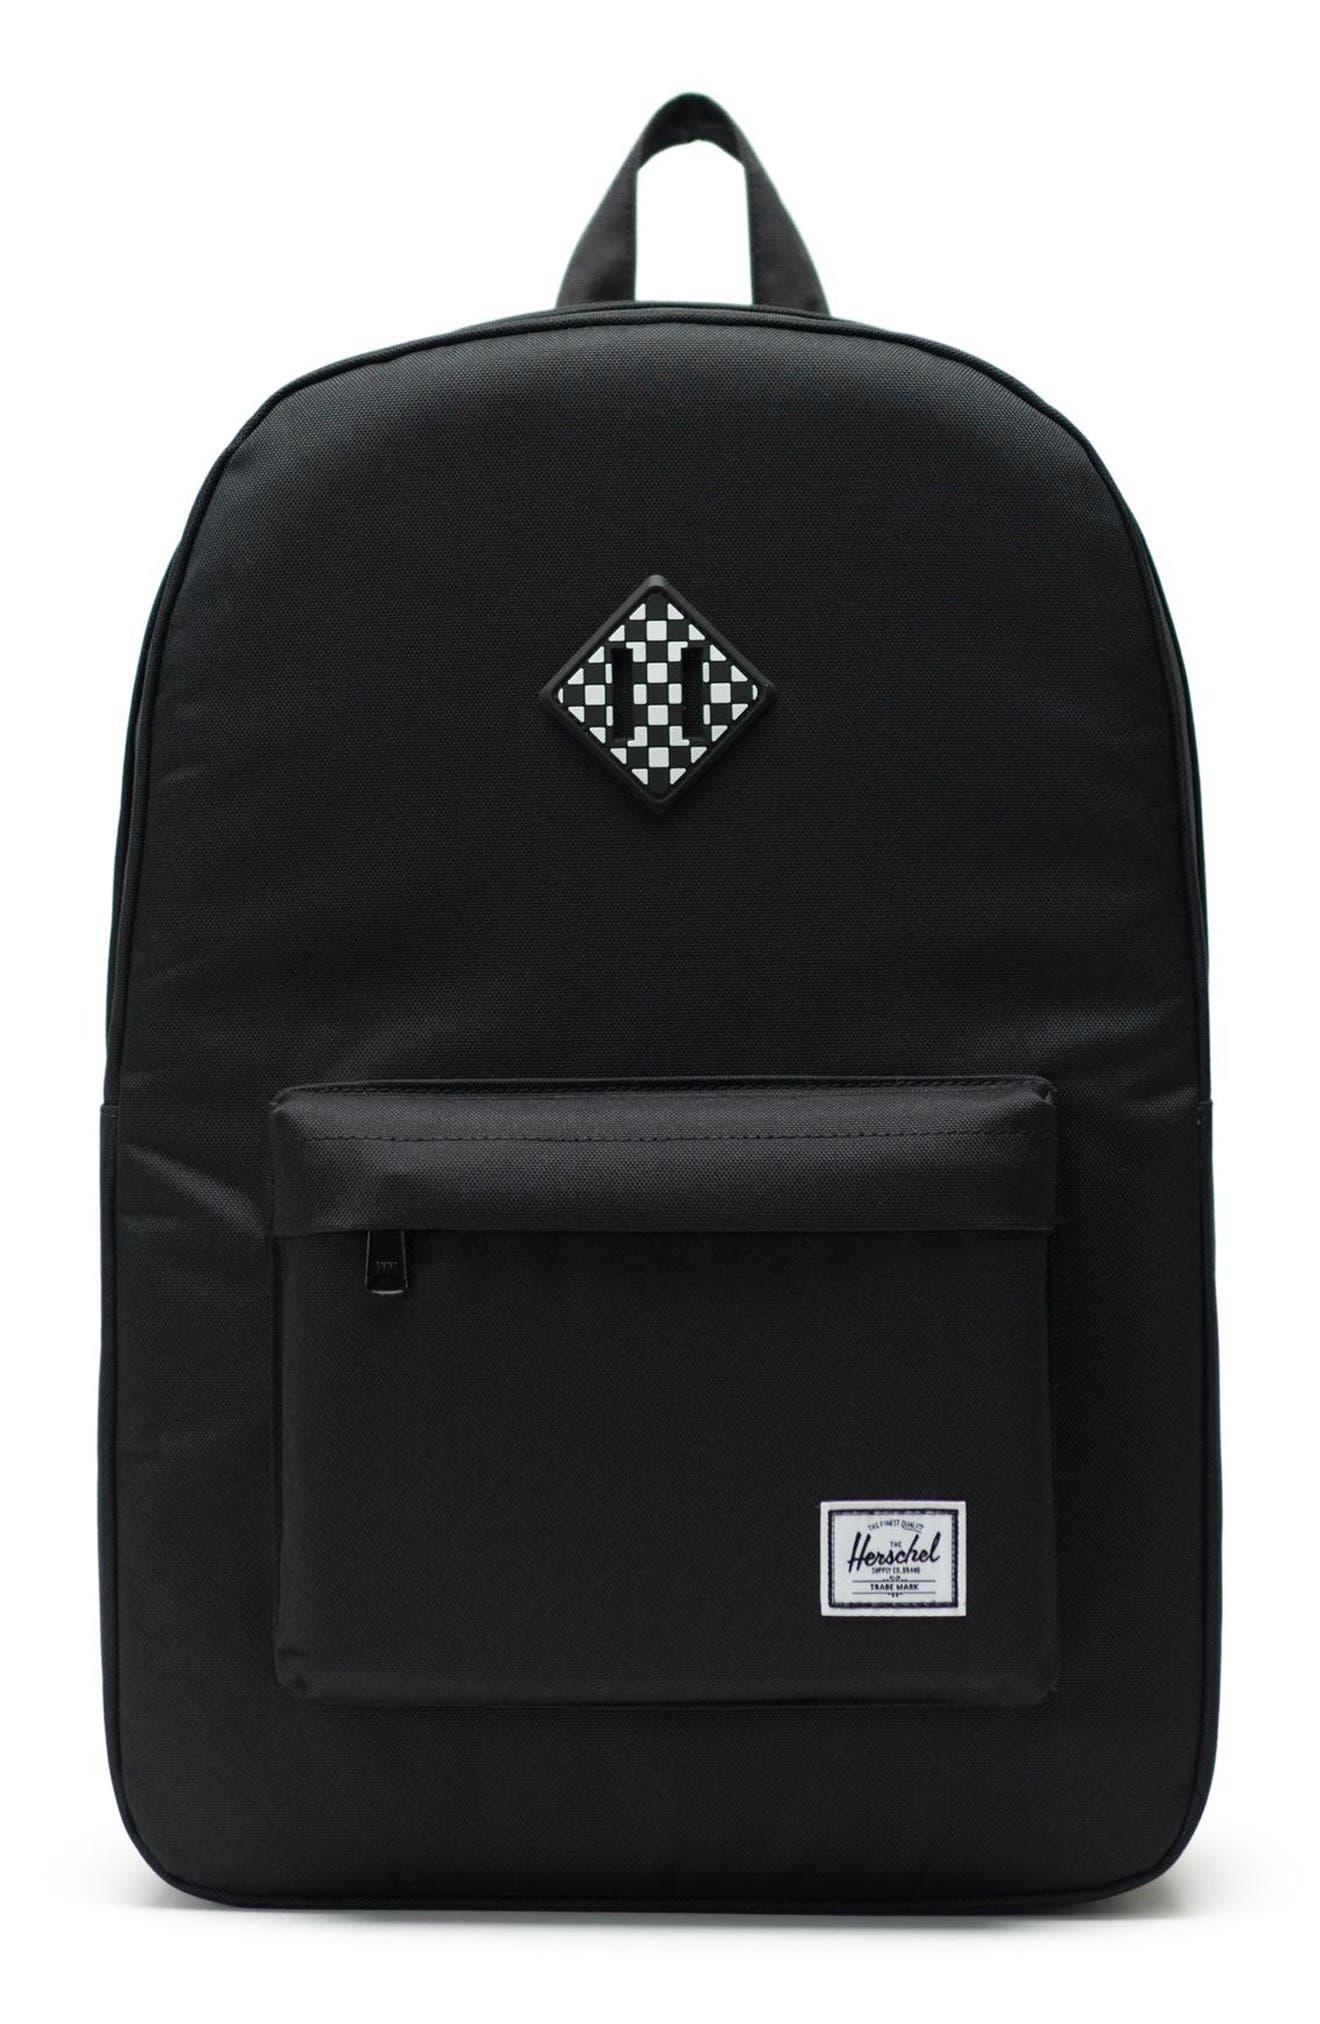 Herschel Supply Co. Heritage Print Backpack -